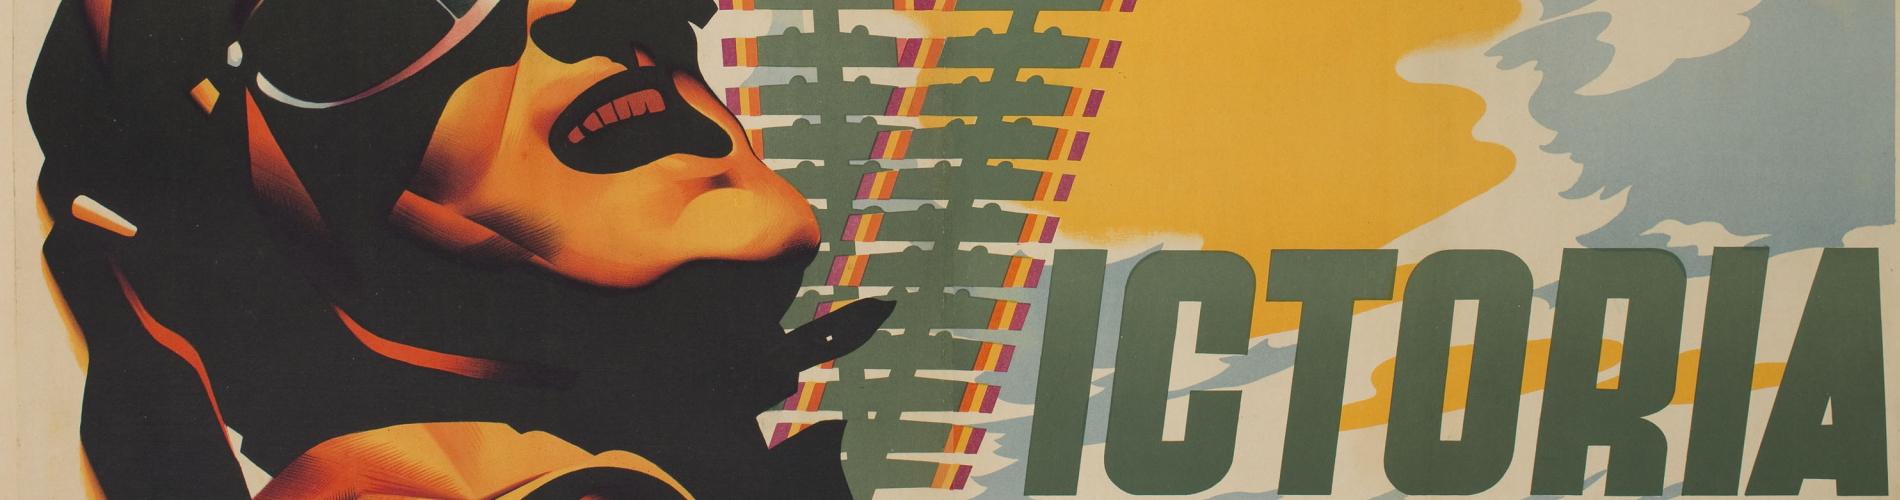 Josep Renau. Hoy mas que nunca, victoria, 1938. Col·lecció particular en dipòsit al museu, 2014. Museu Nacional d'Art de Catalunya © Fundació Josep Renau – València